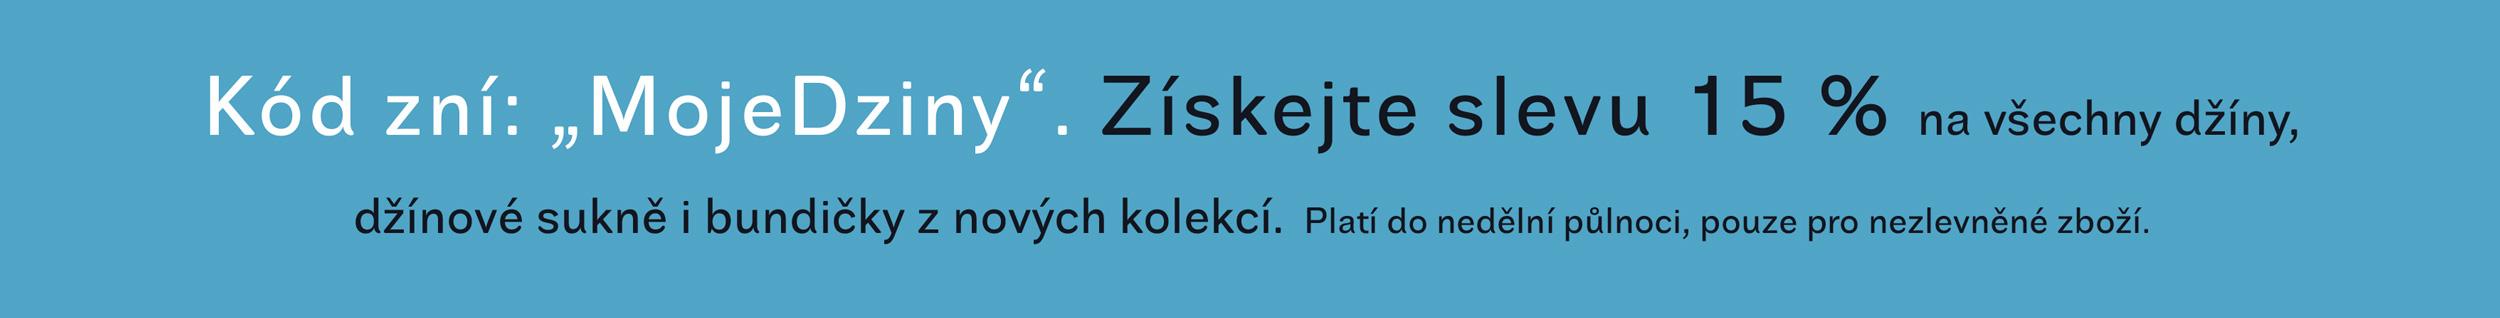 denim-banner_oprava.jpg